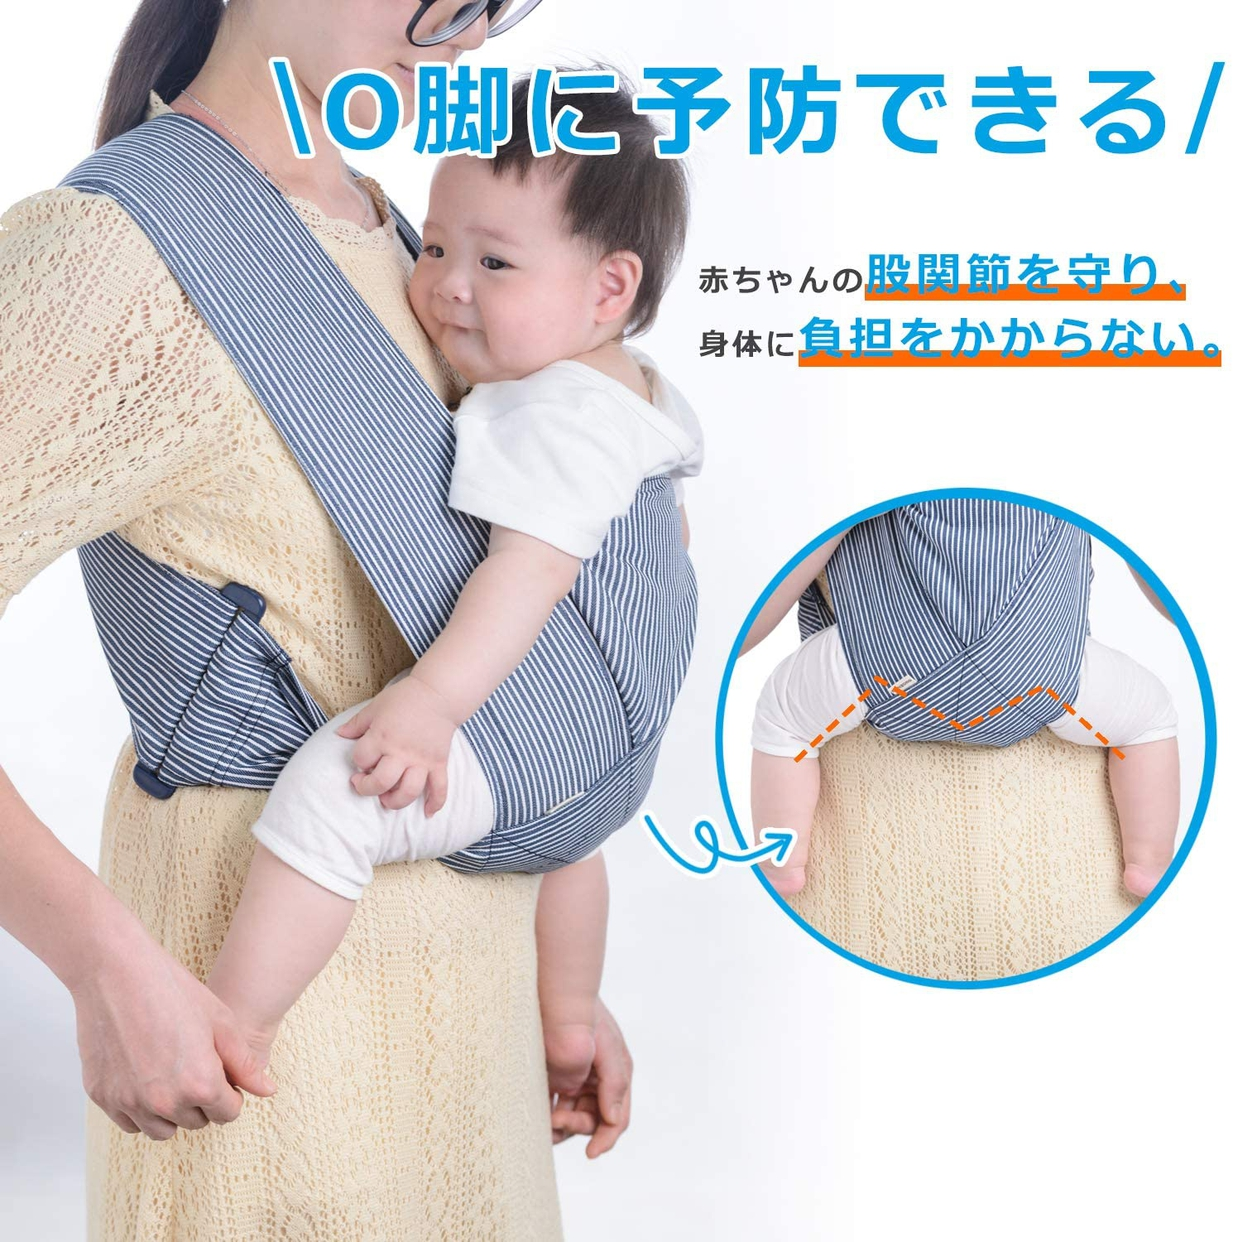 TWONE(ツォン) 抱っこひもの商品画像6